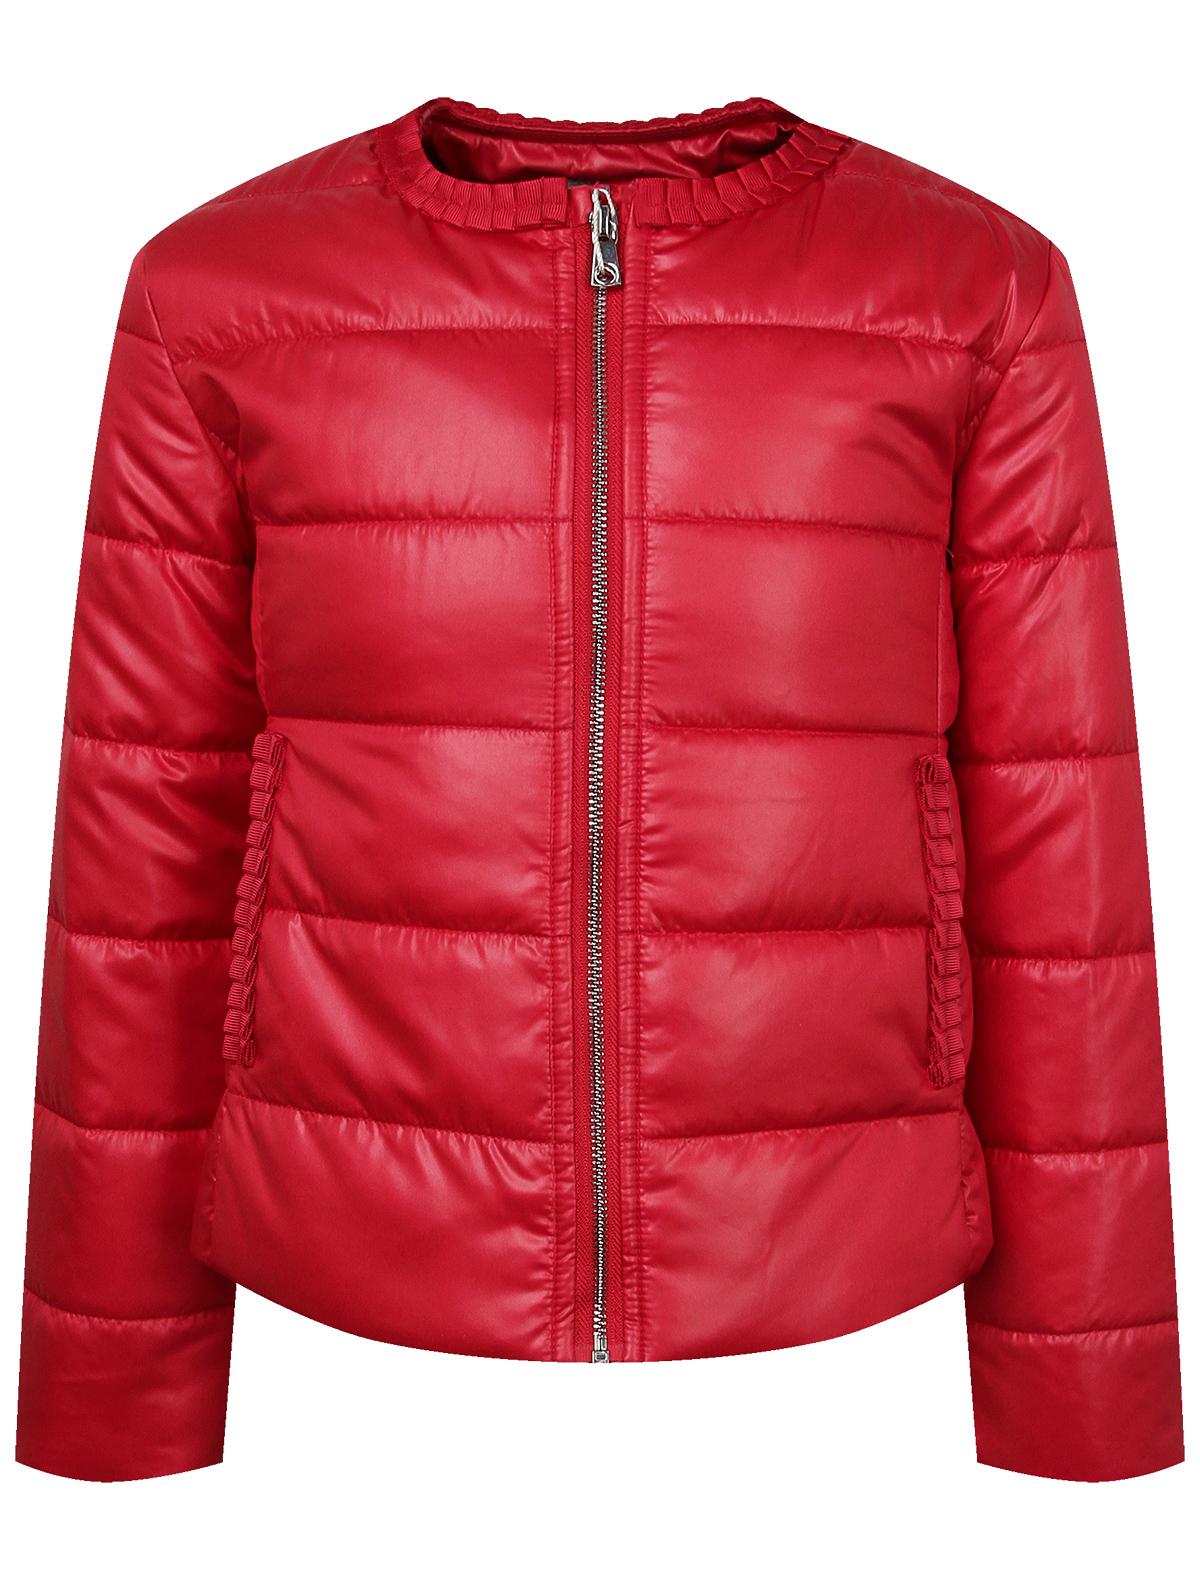 Купить 2206577, Куртка Mayoral, красный, Женский, 1074509073352